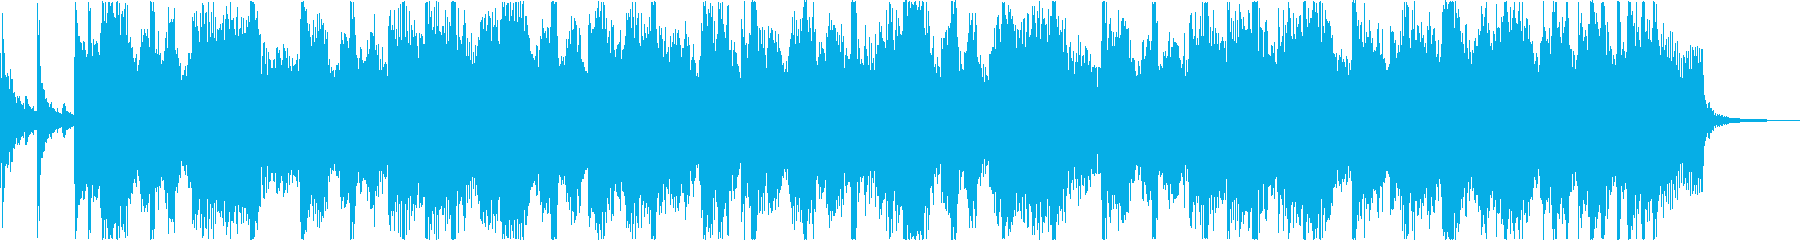 軽快おしゃれレトロディスコシティポップbの再生済みの波形